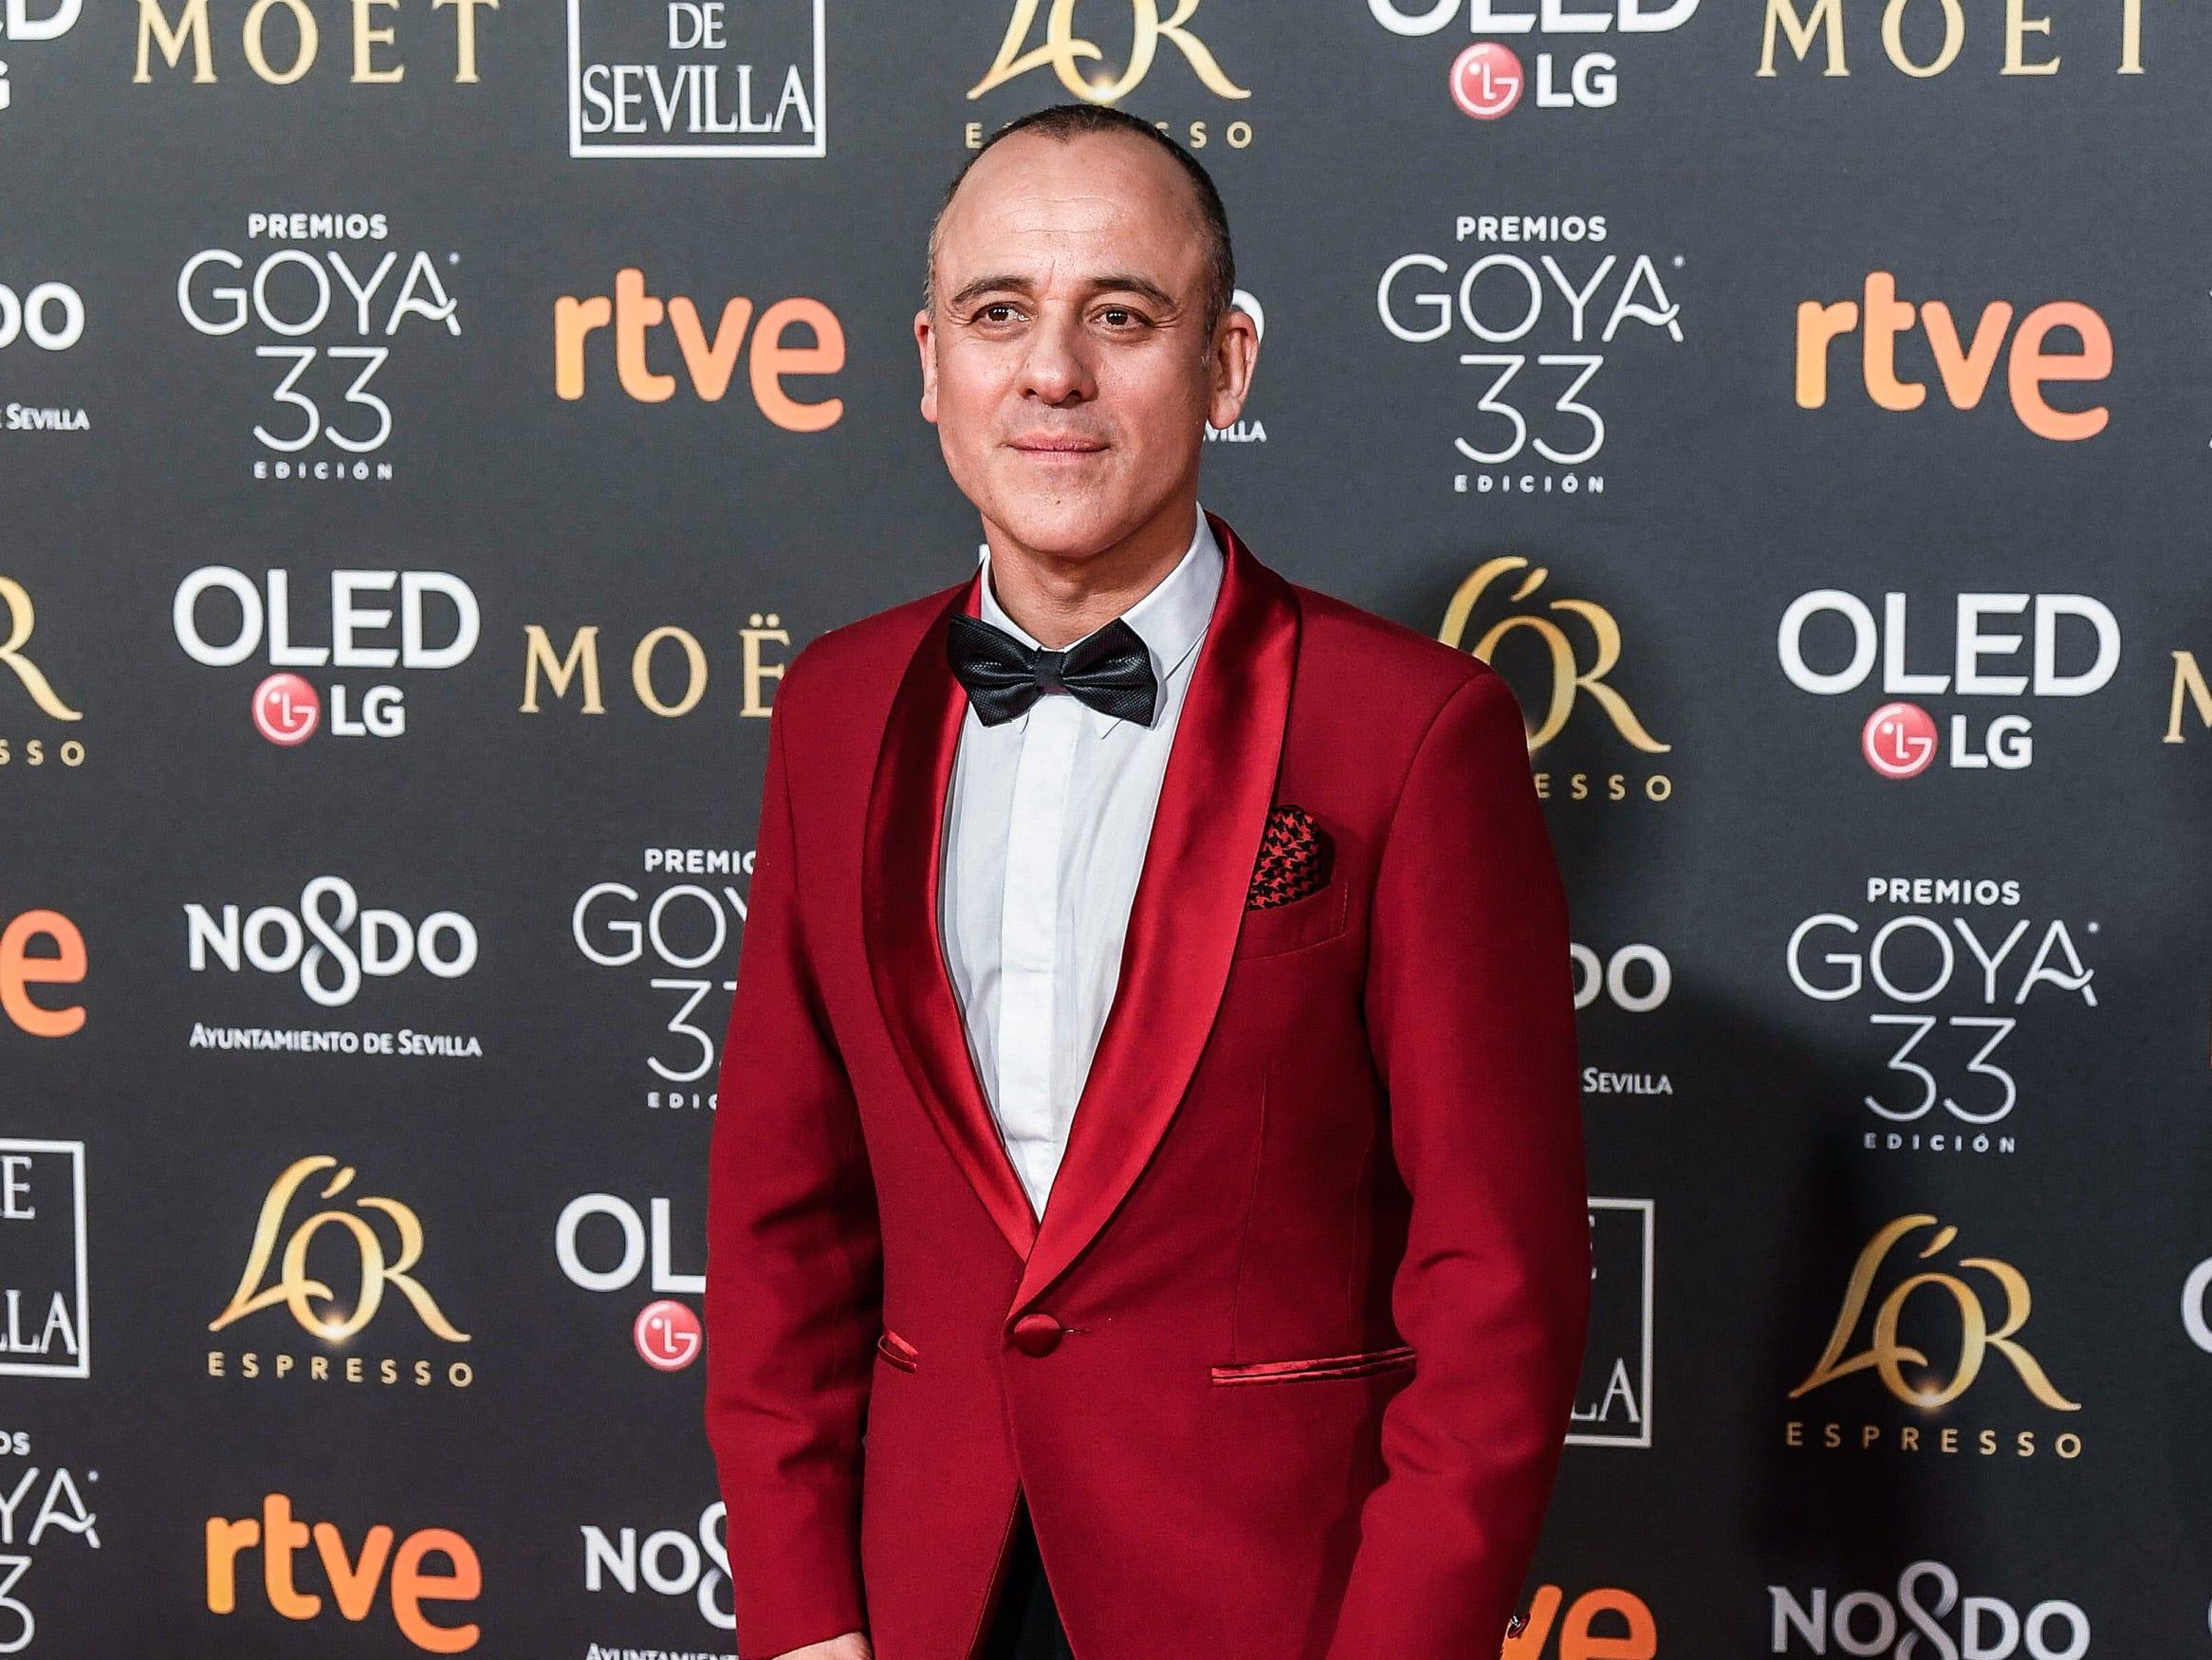 Javier Gutiérrez asiste a la 33ª edición de los Premios de Cine Goya en el Palacio de Congresos y Exposiciones FIBES el 2 de febrero de 2019 en Sevilla, España.